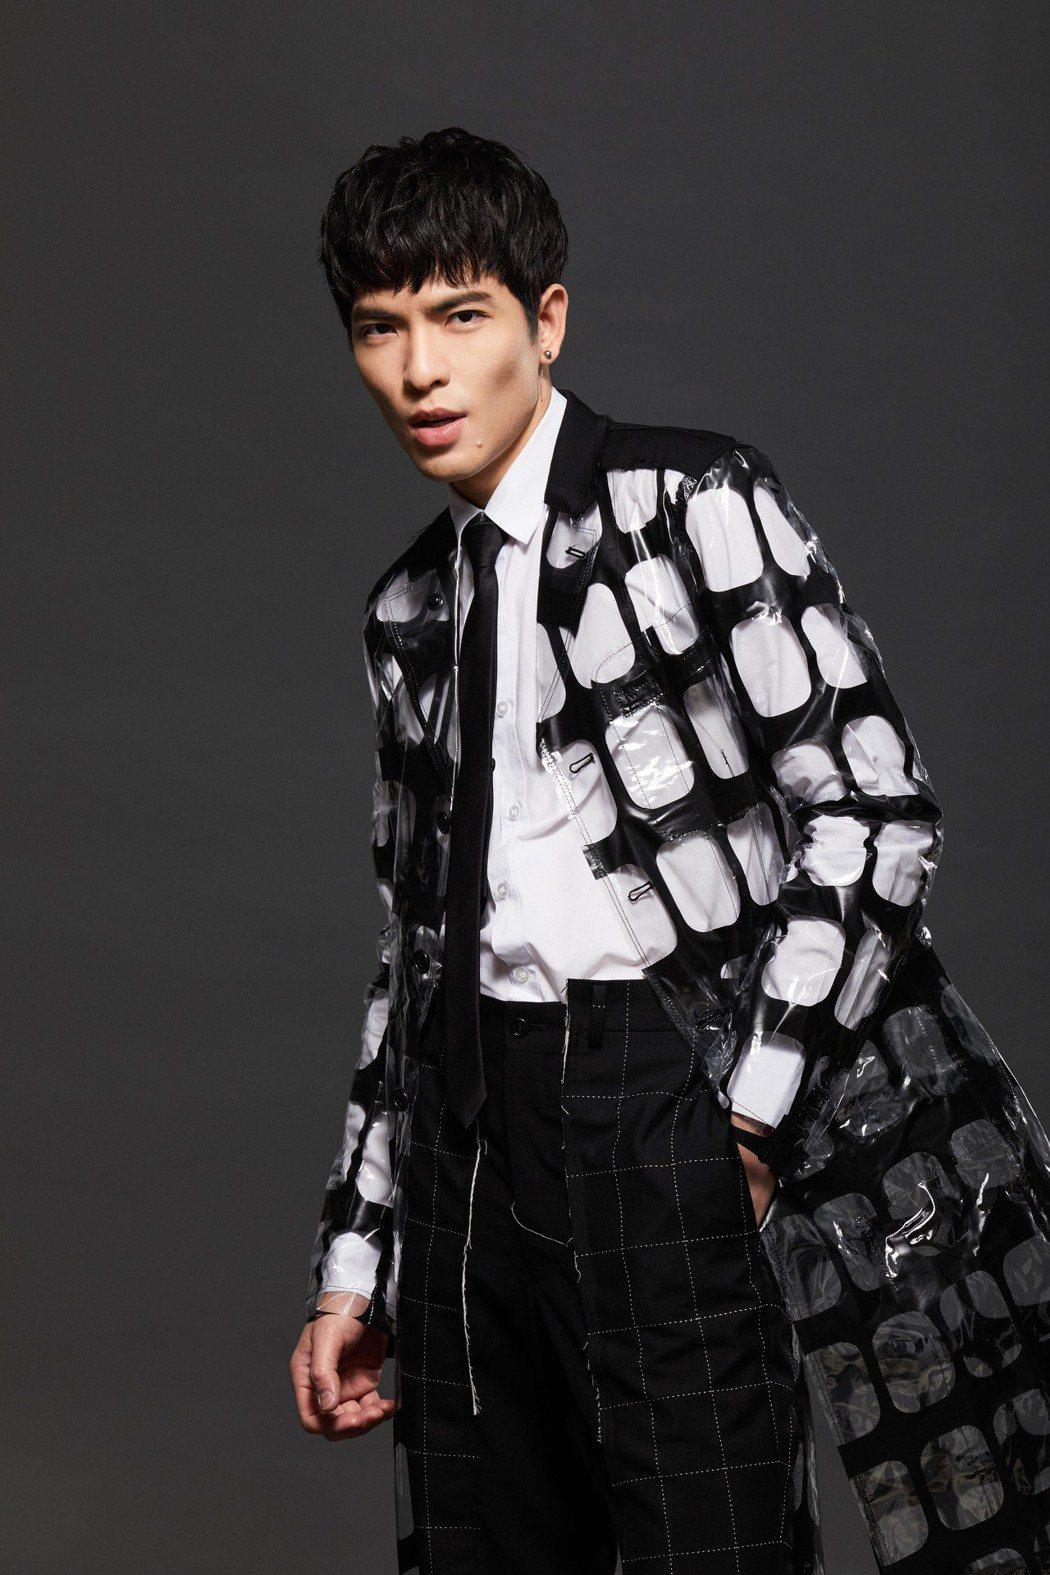 蕭敬騰擔任本屆金曲獎主持人。圖/喜鵲娛樂提供